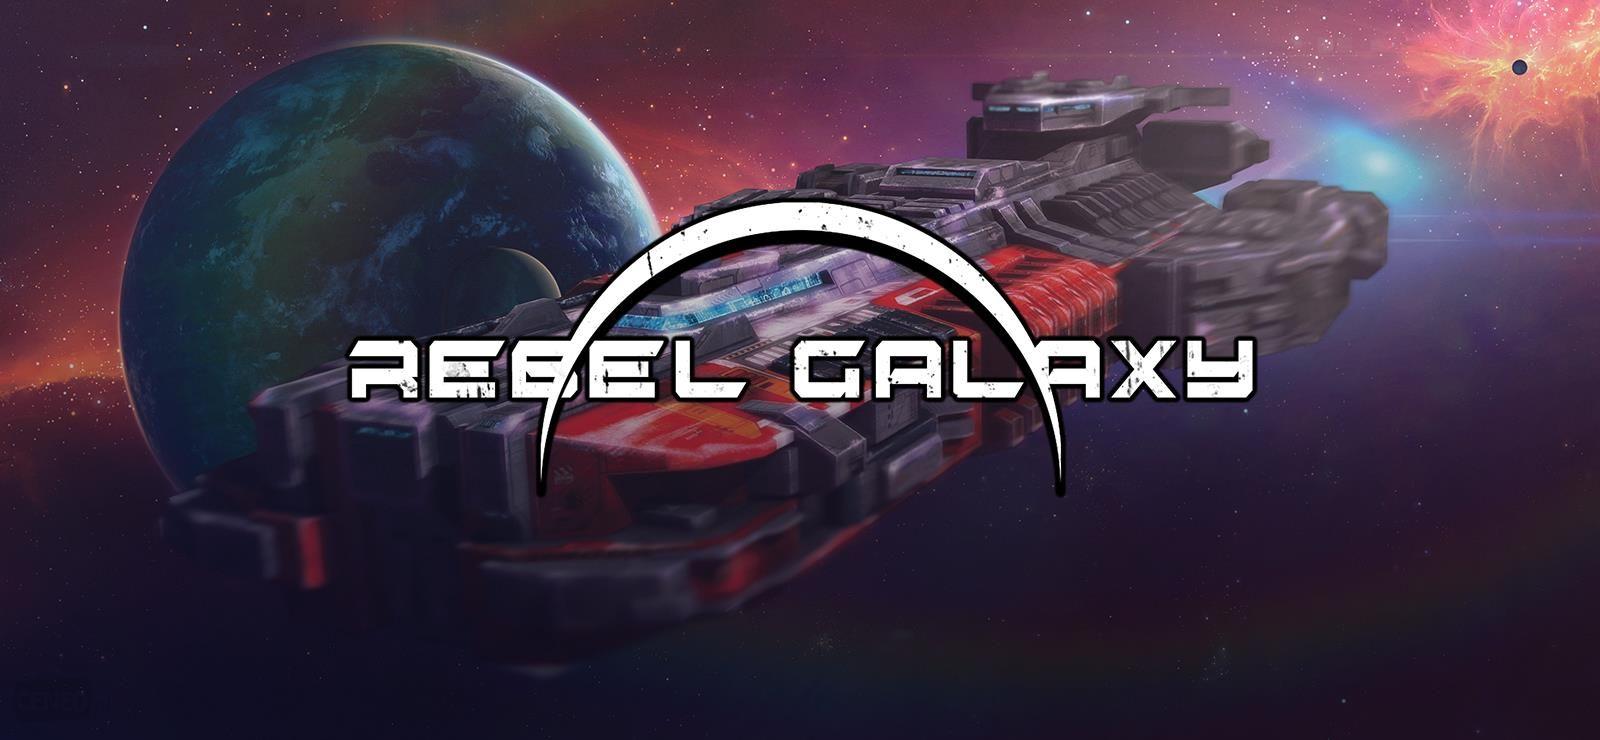 [chrono.gg] Rebel Galaxy